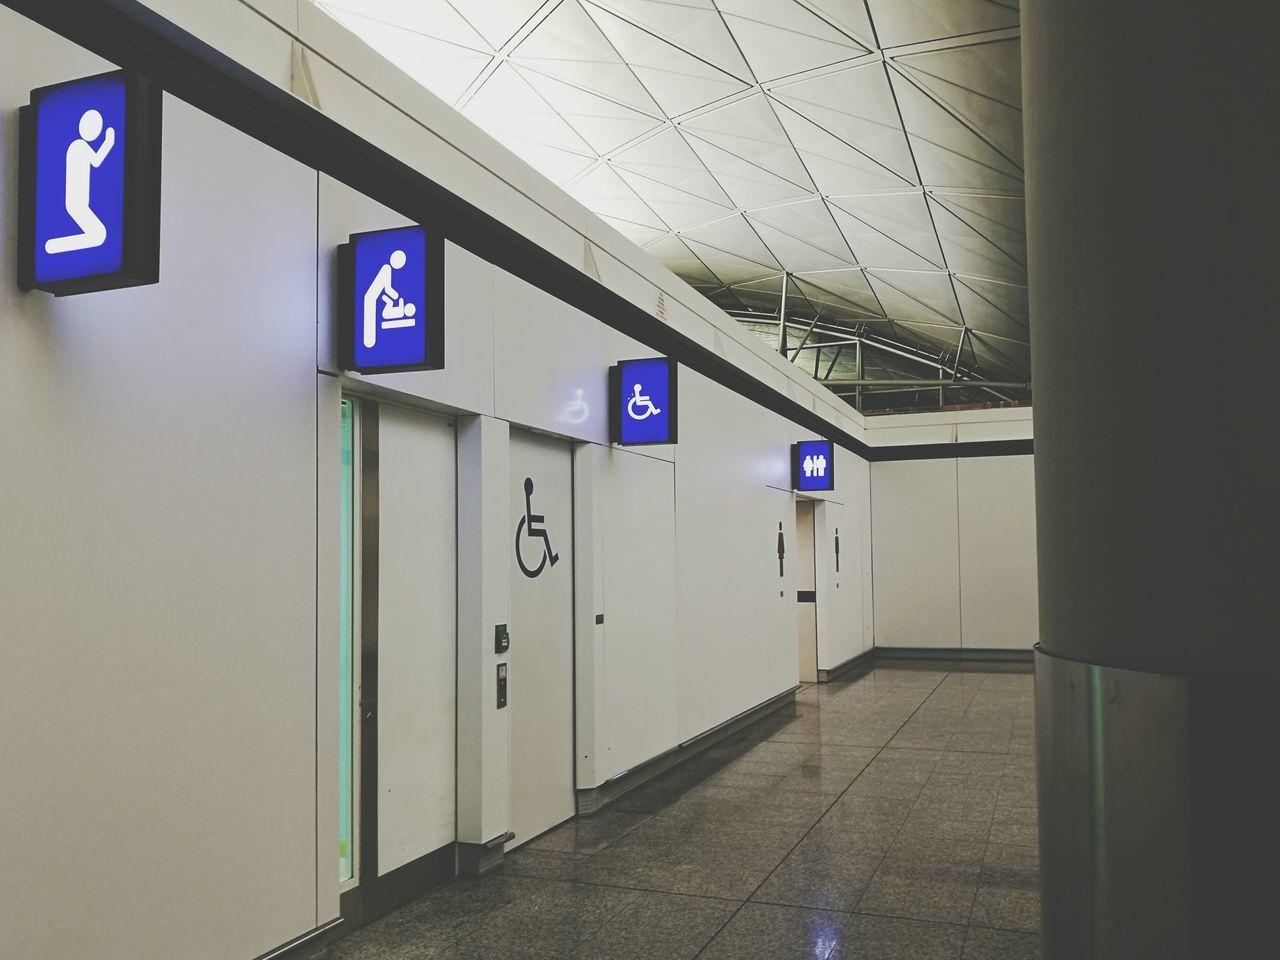 Door Exit Sign Indoors  Locker Room No People Lock Prey Room Toilet Indoors  Architecture